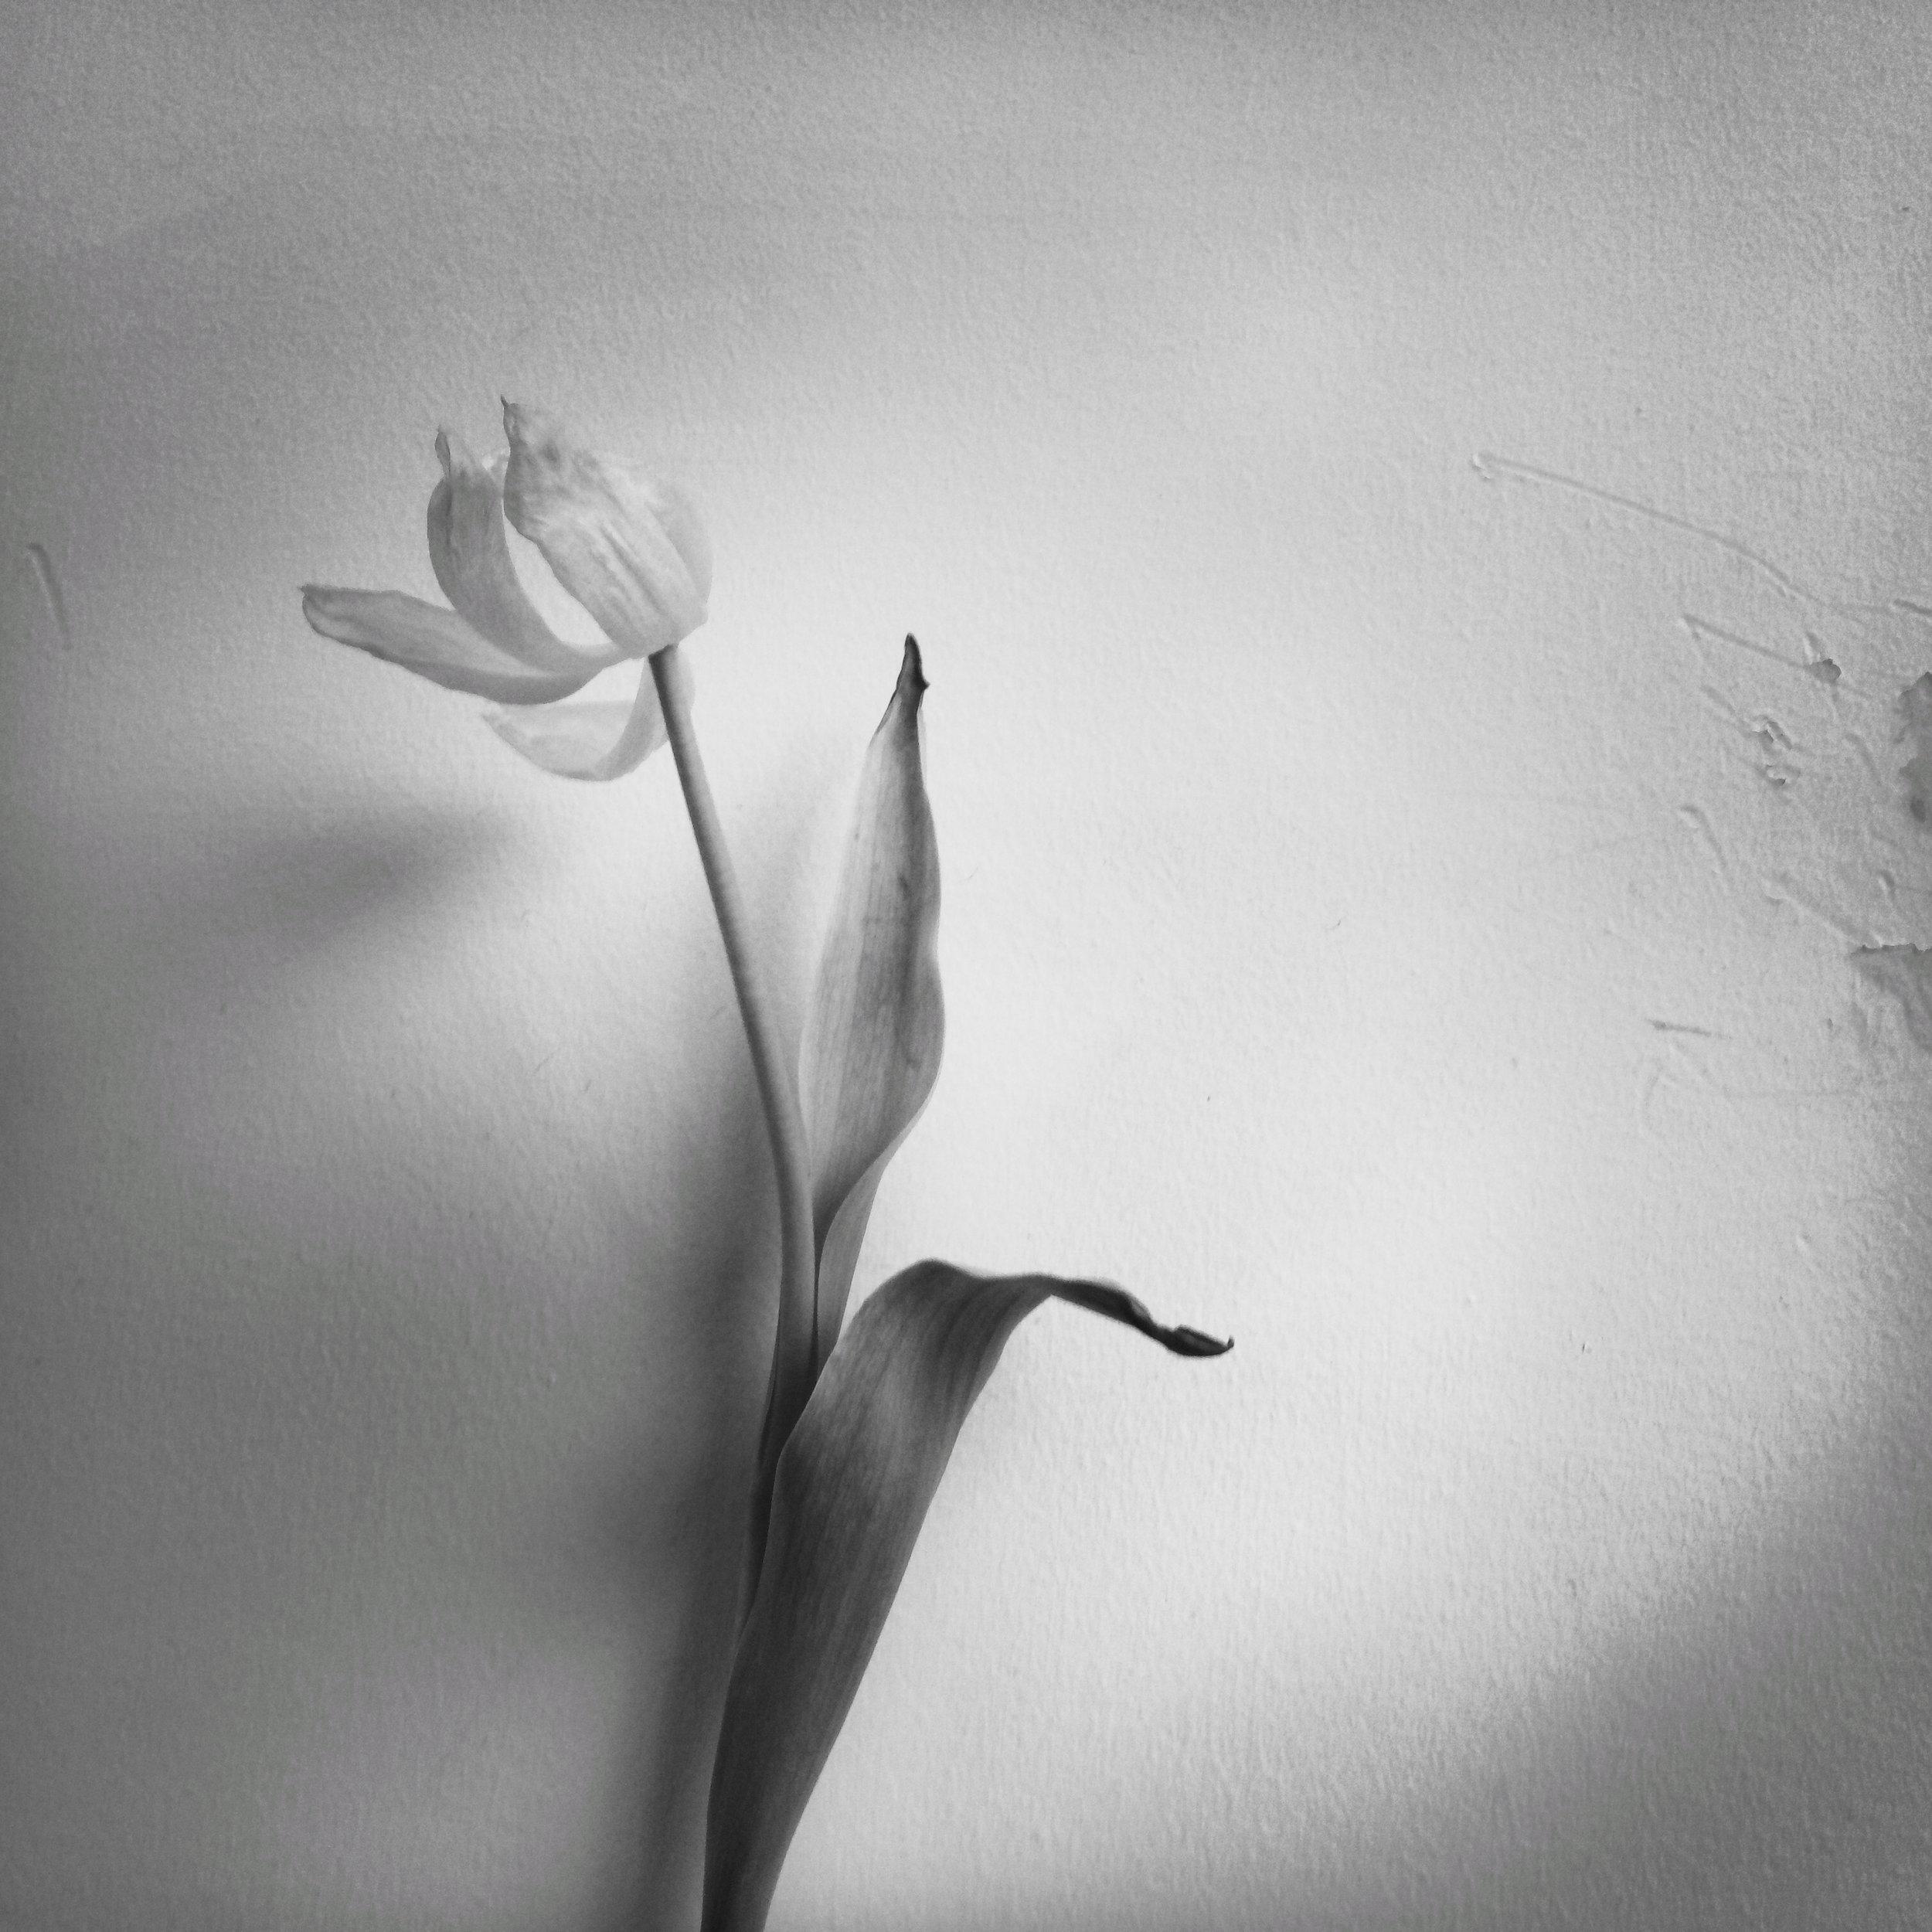 White Tulip, 2018